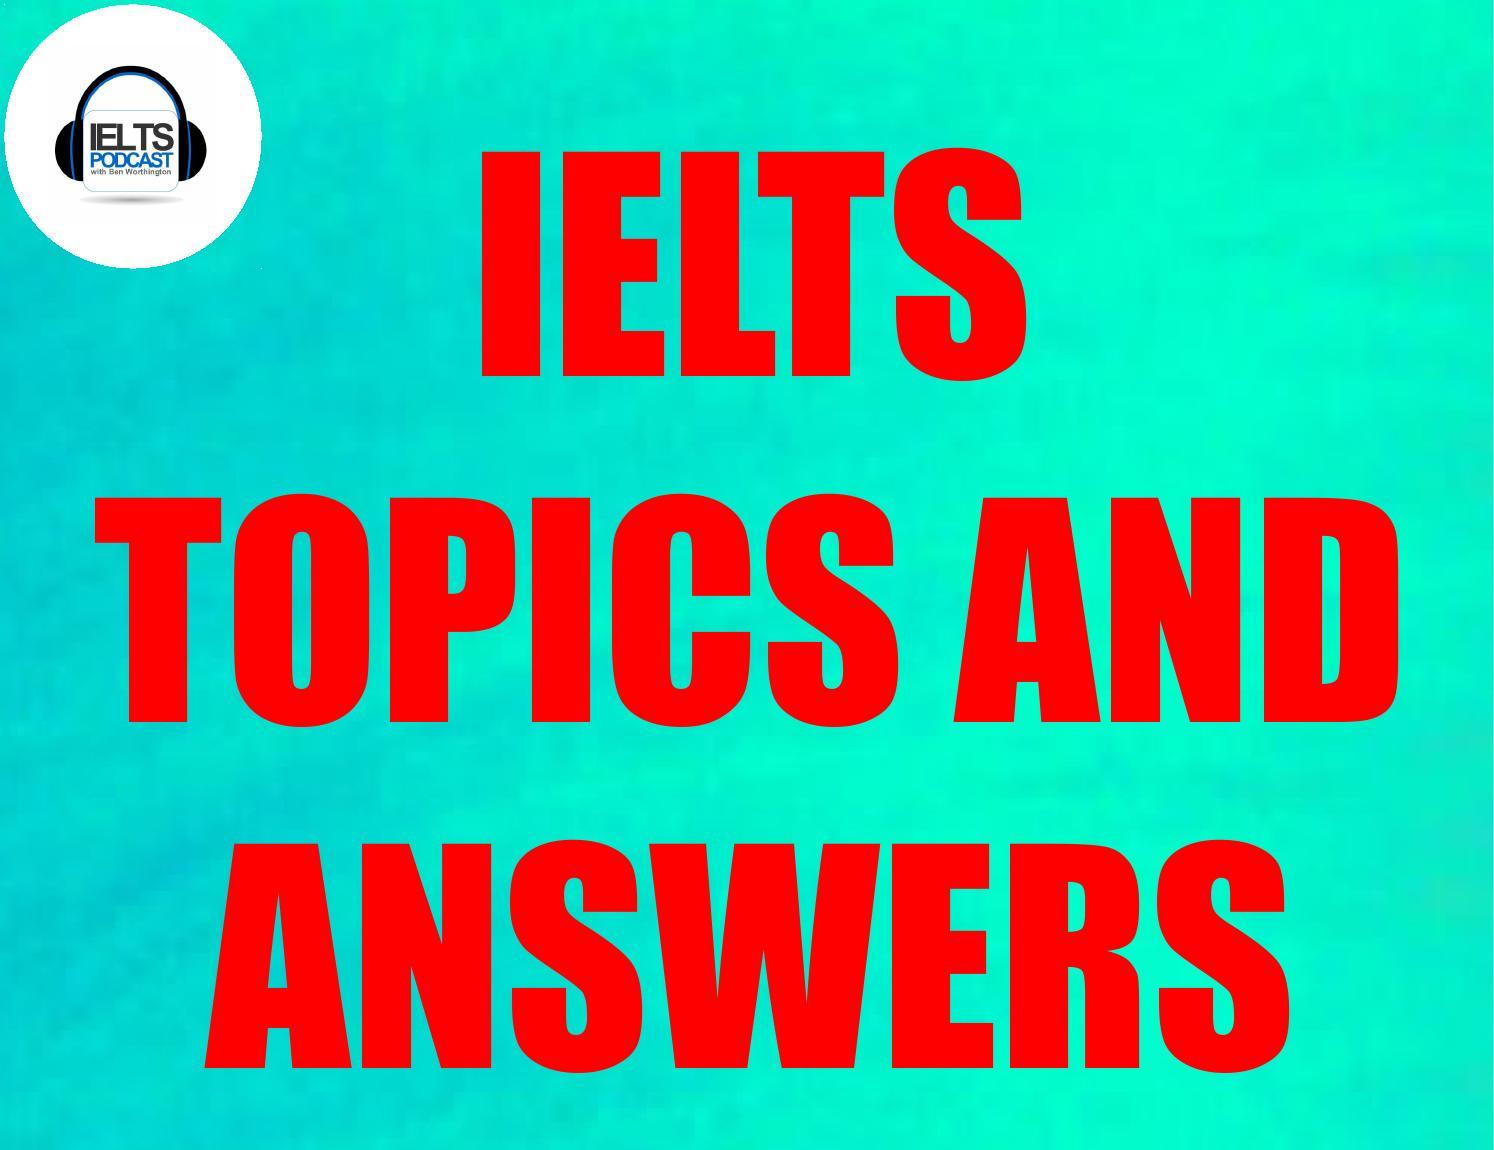 Ielts essay topic